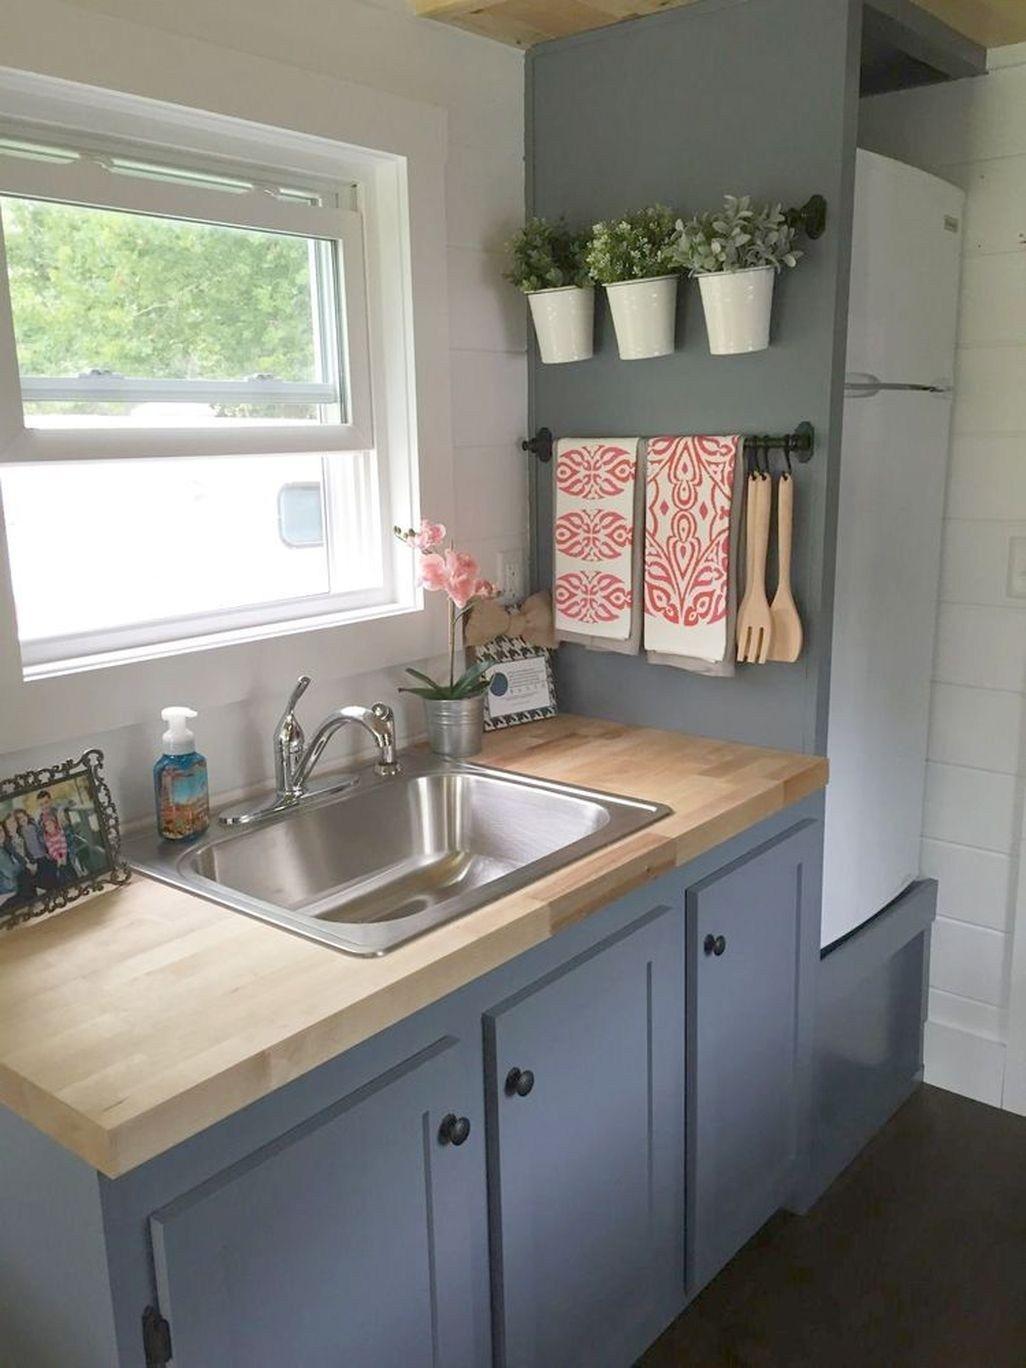 Small House Interior Design Kitchen: 43 Small Apartment Interior Design